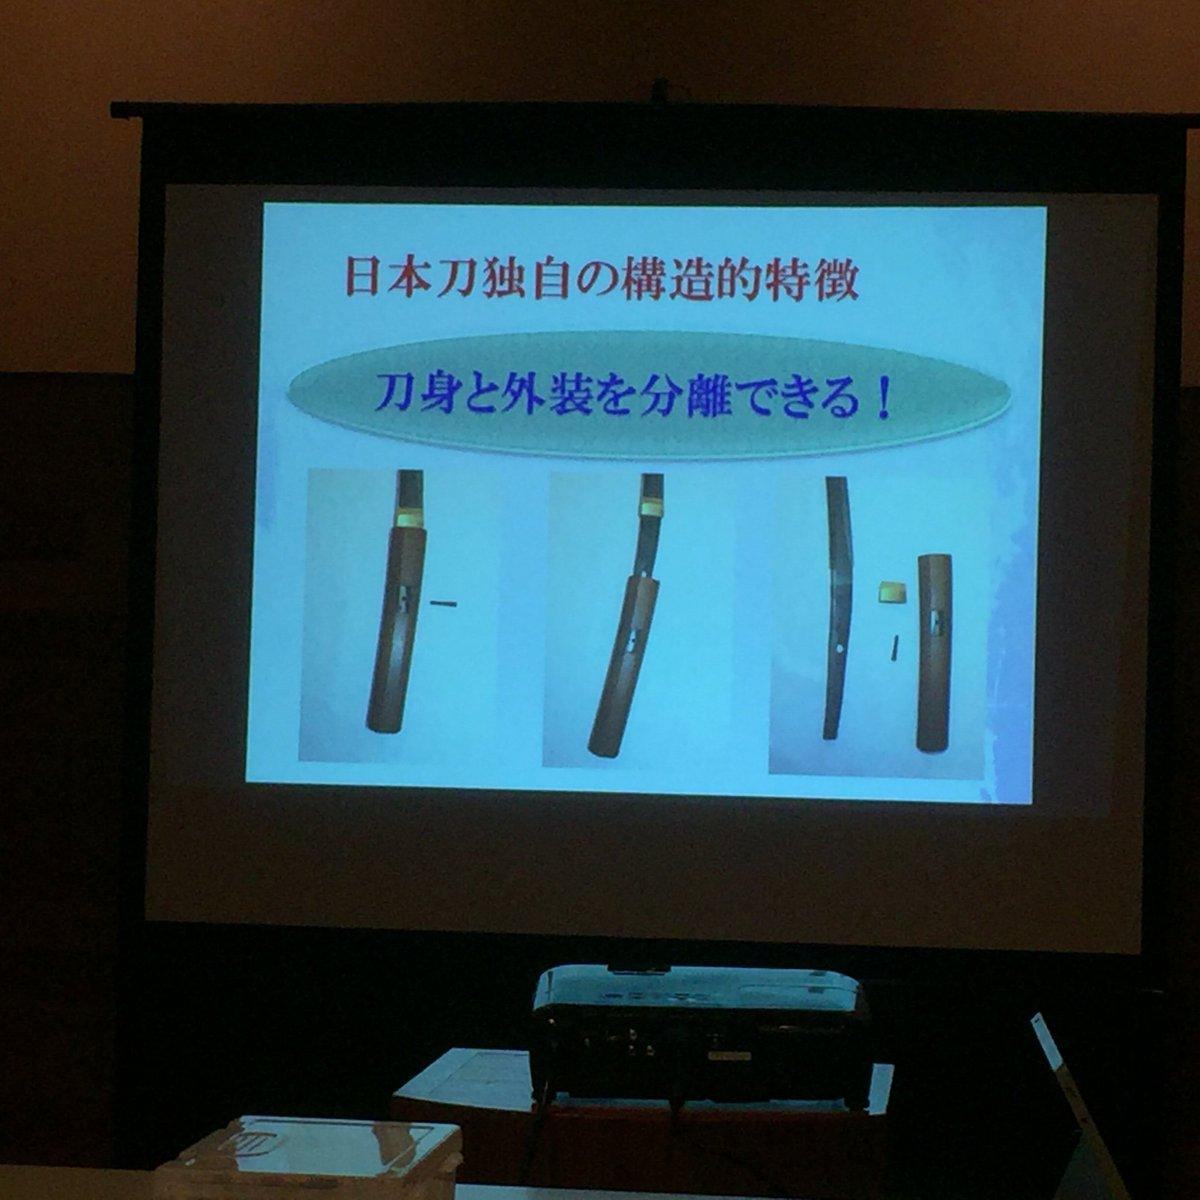 日本刀と外国の刀剣の違い #刃物オフ #刀ネコ